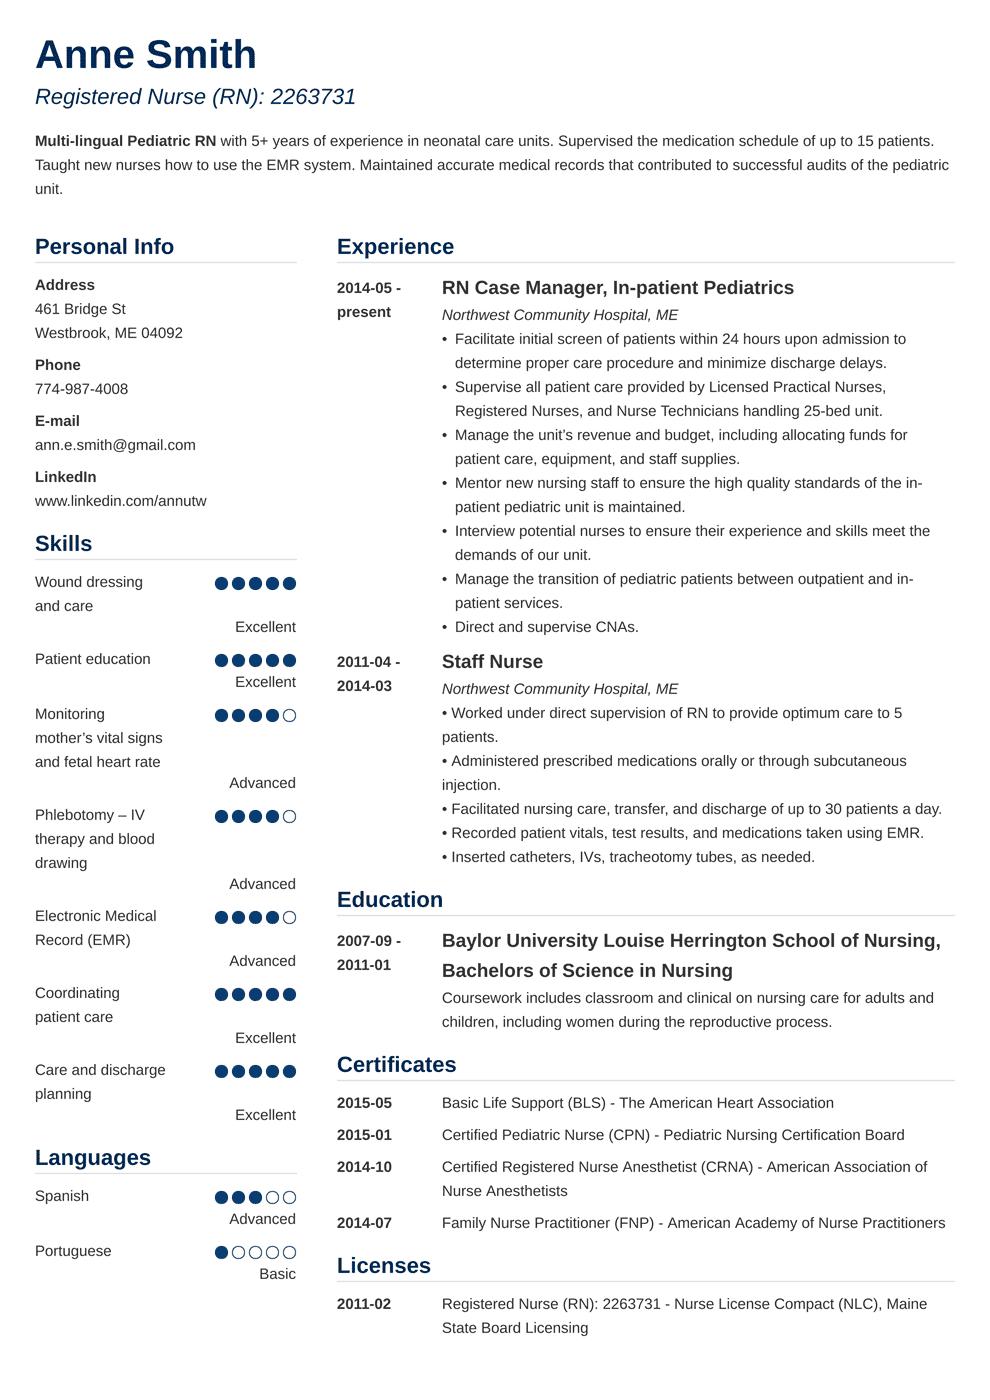 nursing resume template simple in 2020 Nursing resume